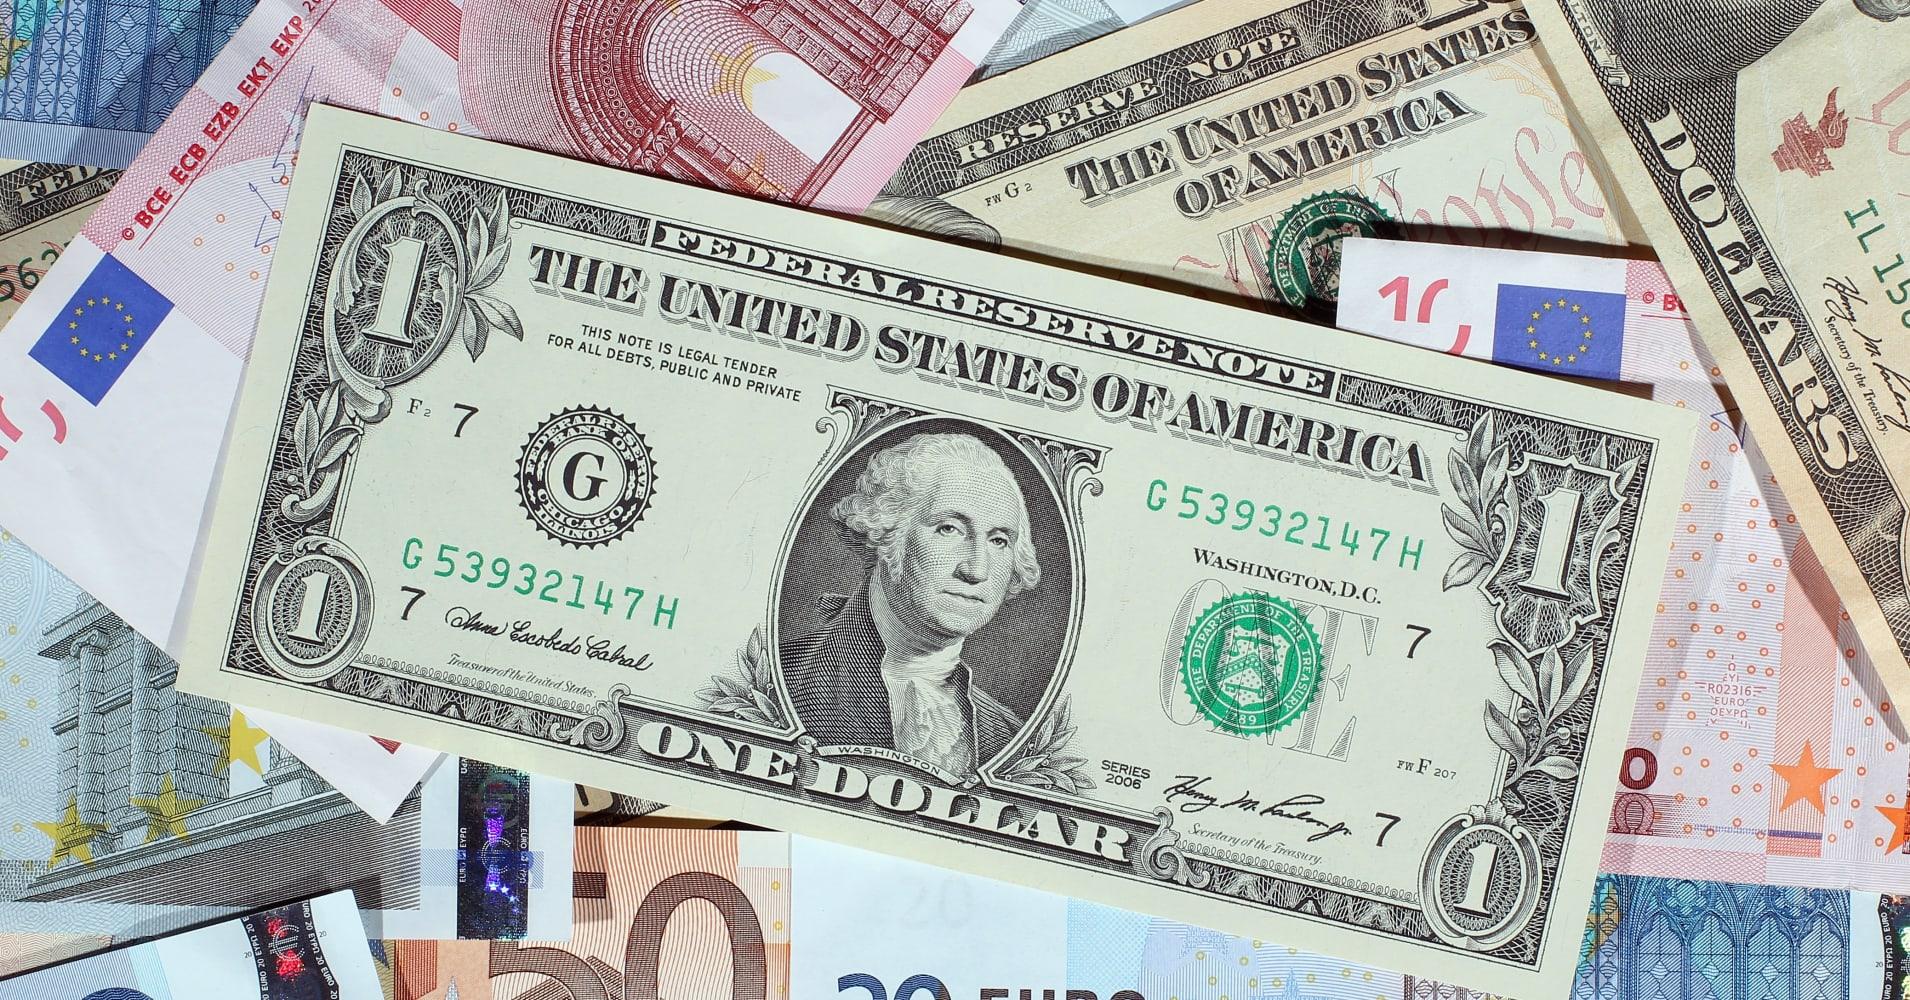 Dollar edges up, markets take N.Korea missile test in stride